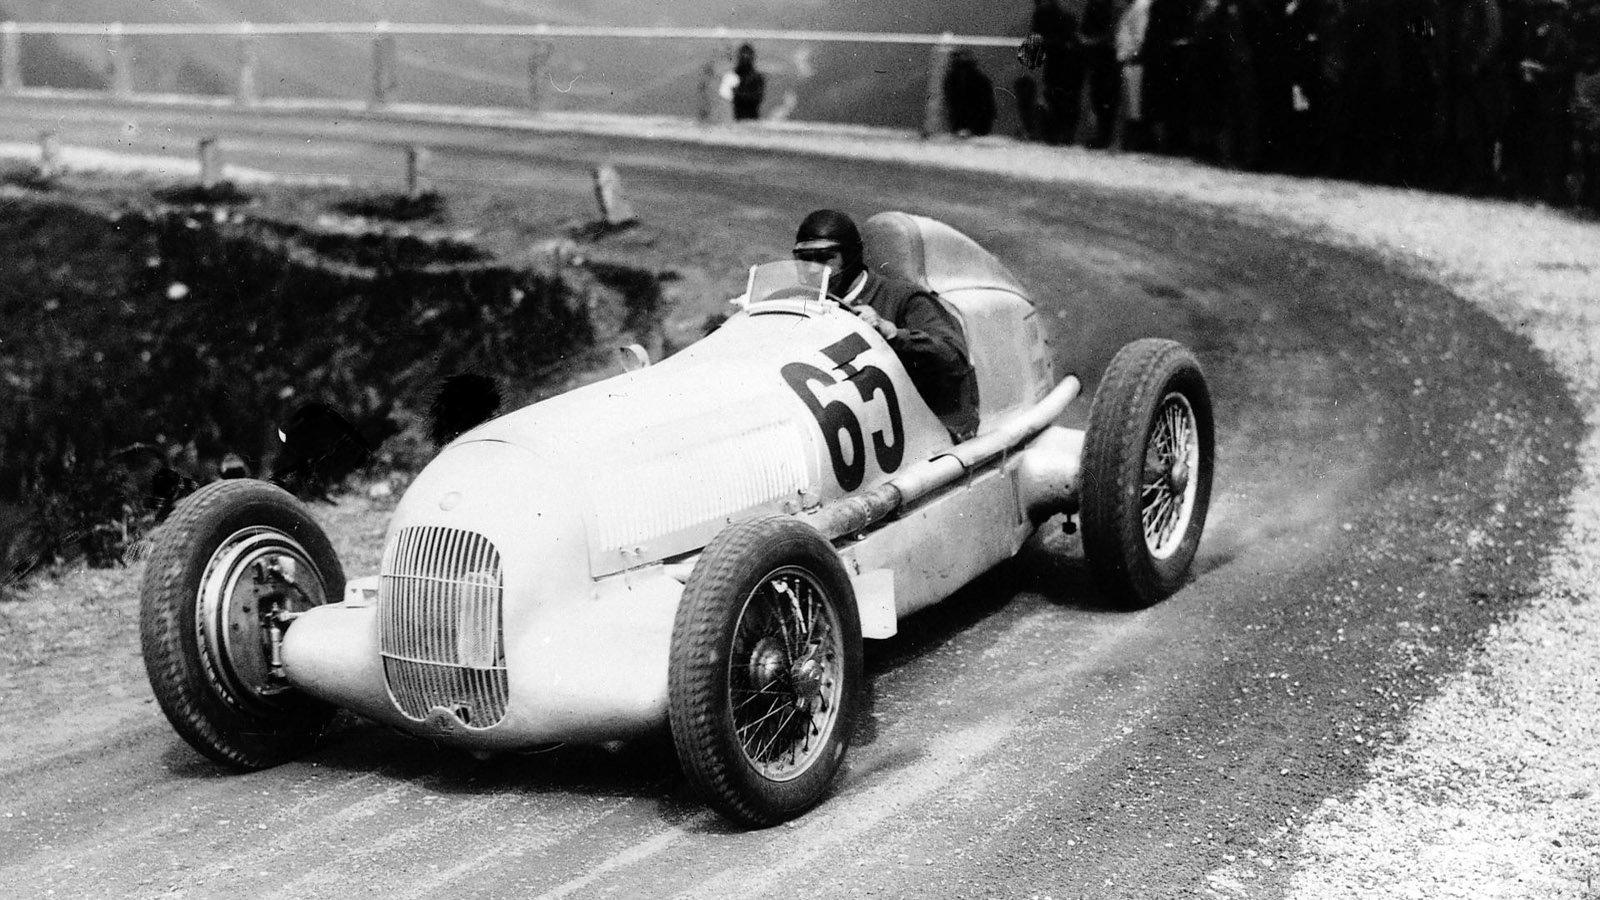 1934 W25 Silver Arrow